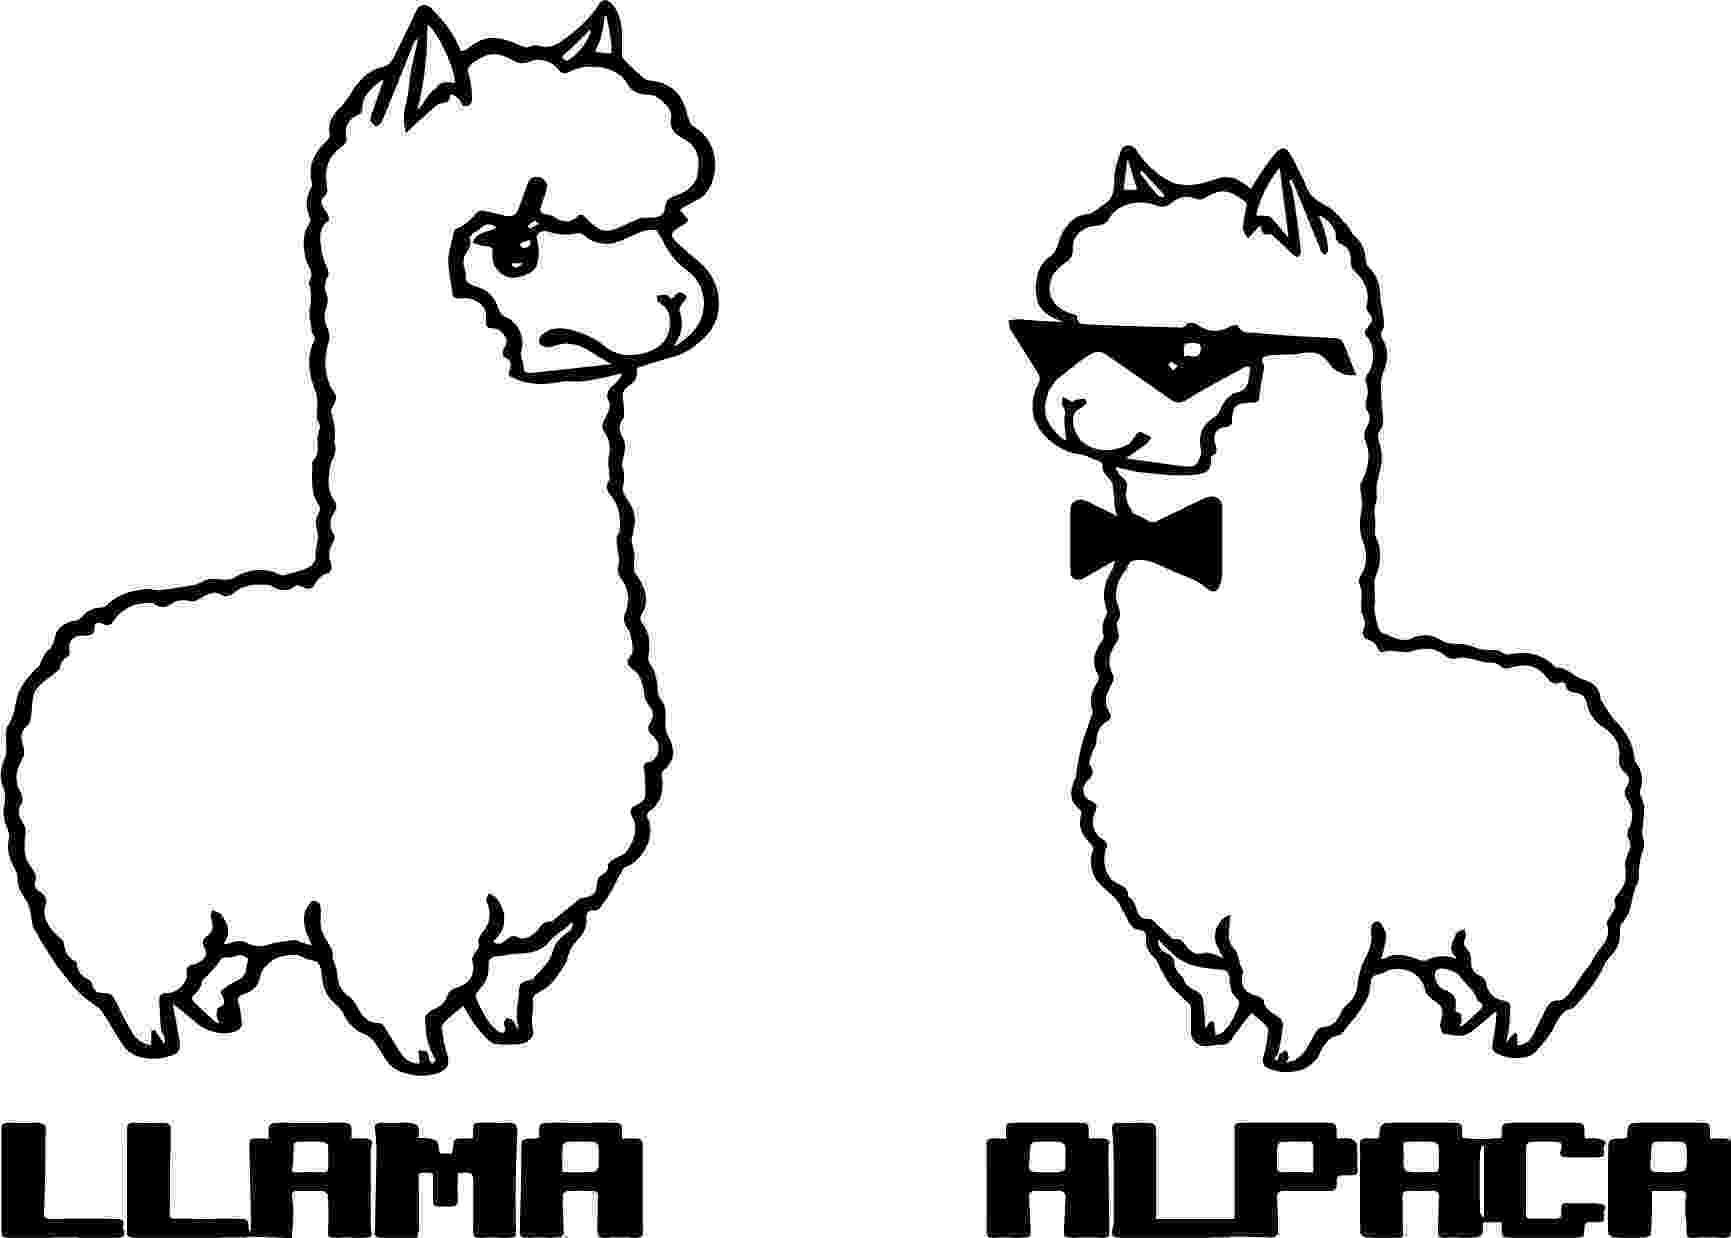 alpaca coloring pages cute alpaca coloring page free printable coloring pages coloring alpaca pages